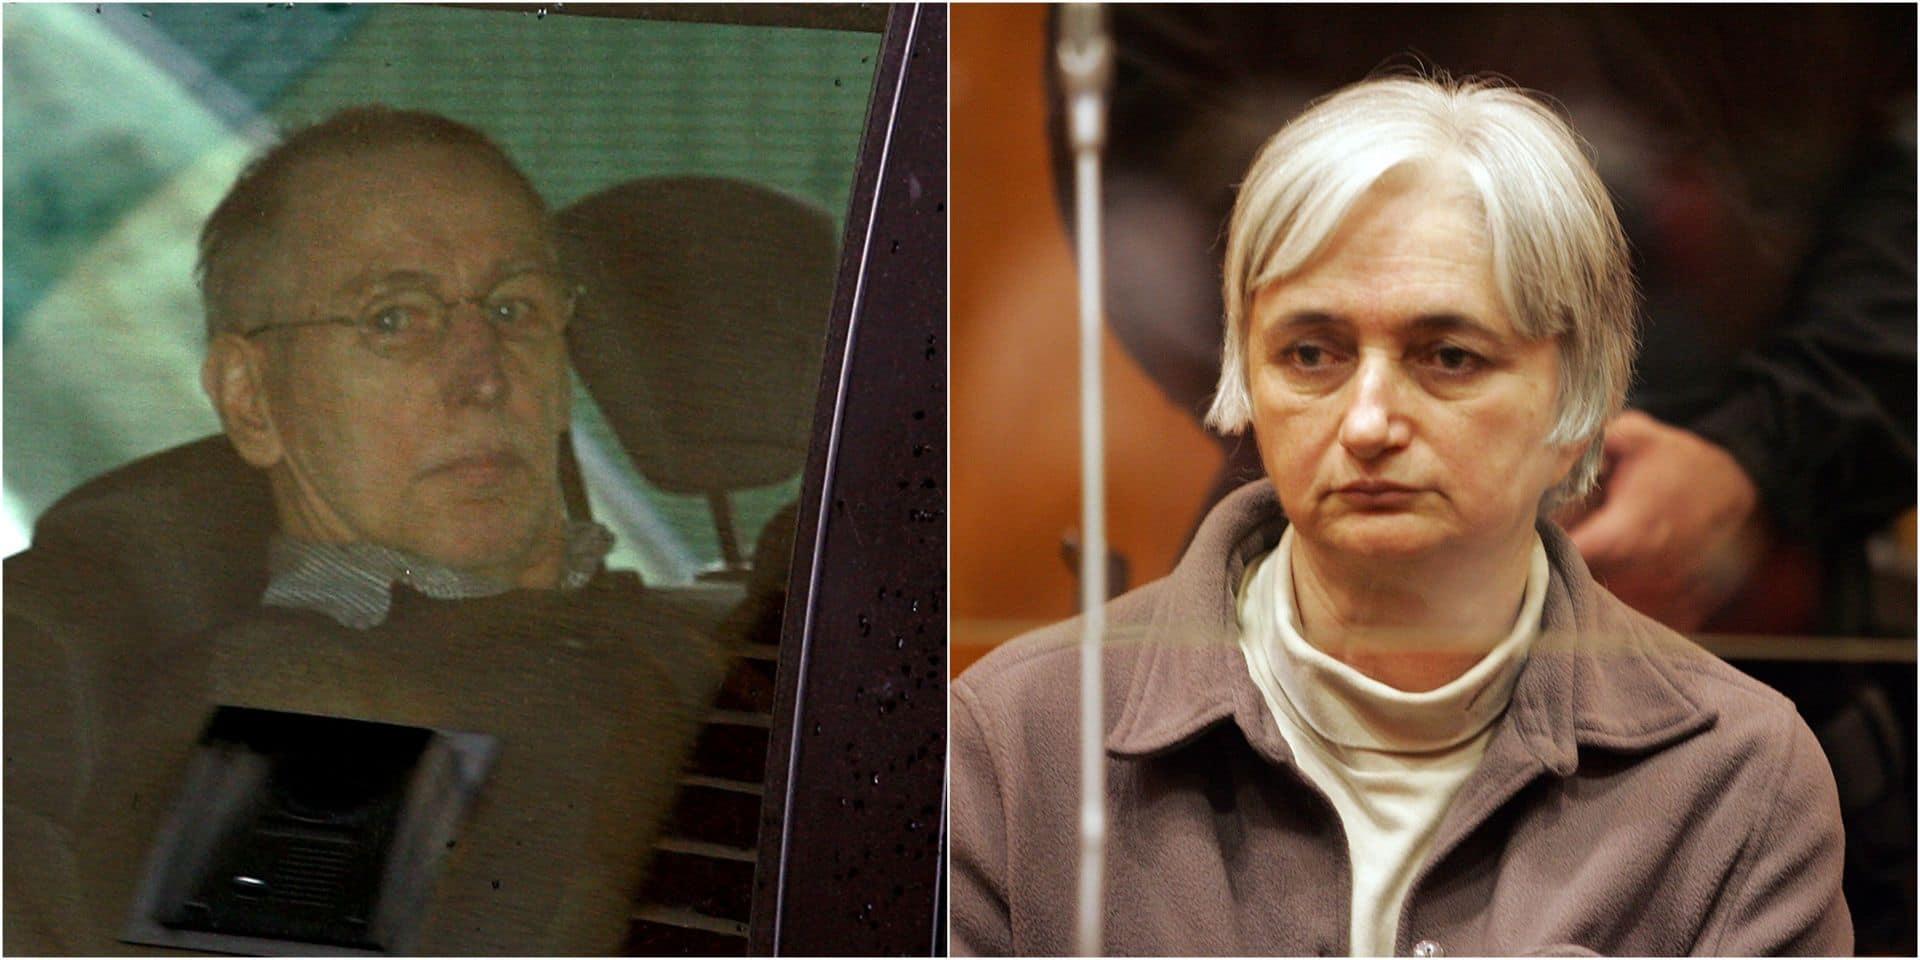 Disparition de Lydie Logé en 1993: une information judiciaire ouverte à l'encontre de Michel Fourniret et Monique Olivier